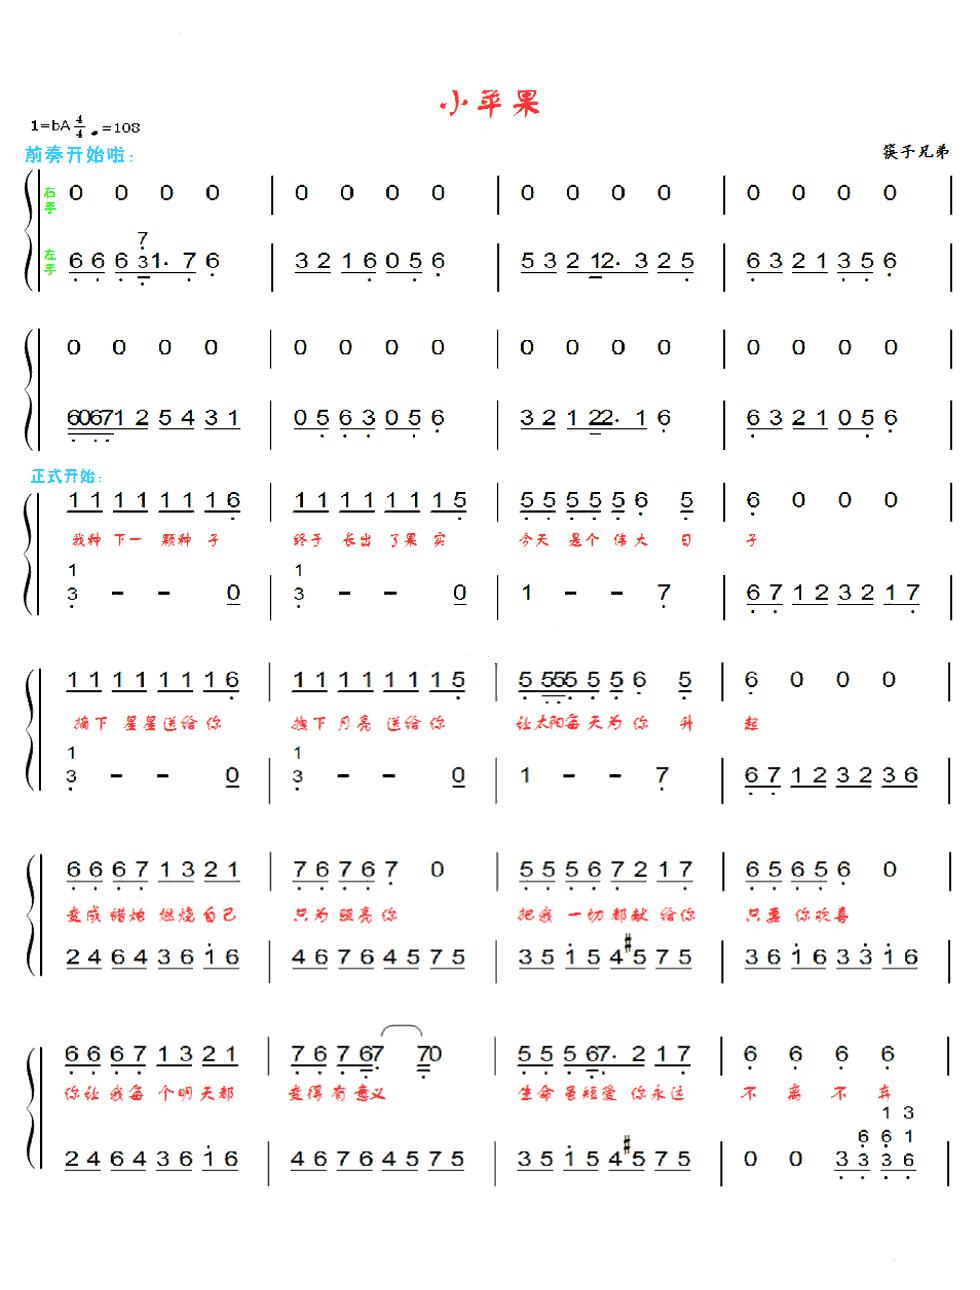 下面四个点是什么字_钢琴简谱数字上面或下面标点是什么意思哈?